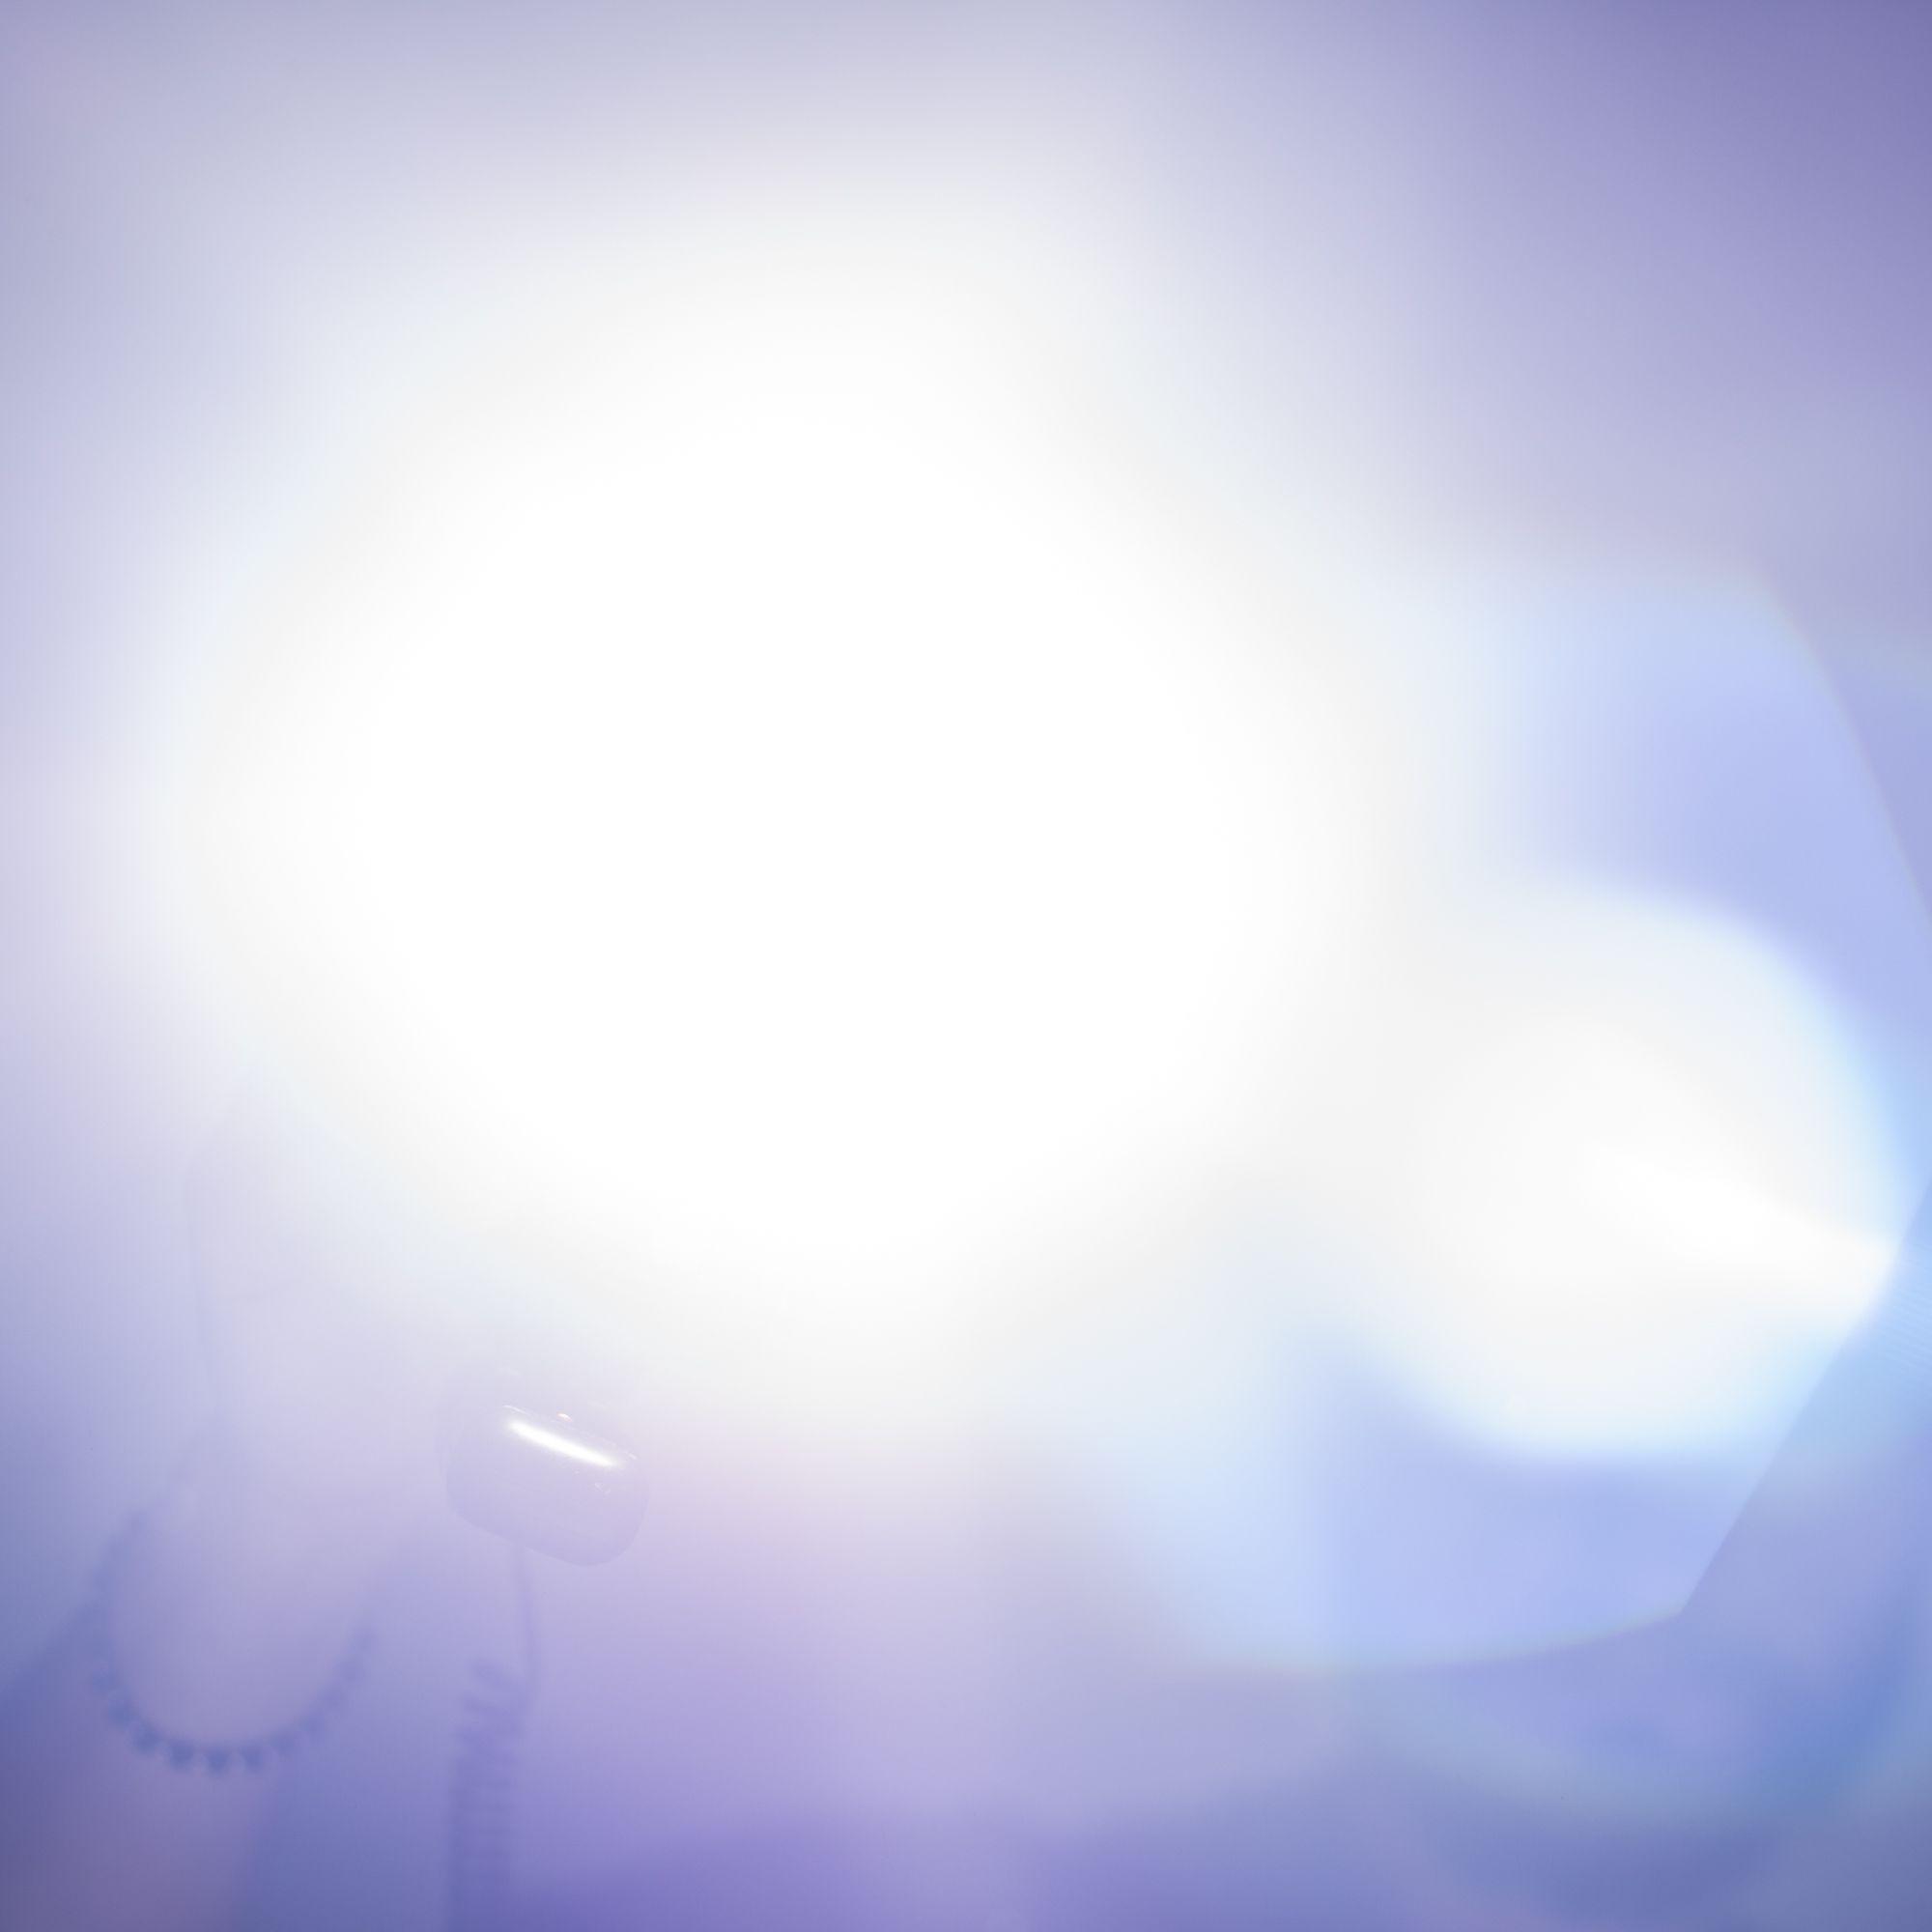 Ieri è arrivata una nuova collega da #puntoimmagine. La aspettavamo da tempo! Dai, provate ad indovinare: E' bella, precisa ed elegante.. #Staytuned e scopri con noi chi è entrato a far parte dello staff di Punto Immagine. ;) #rubiera #foto #fotografi #news